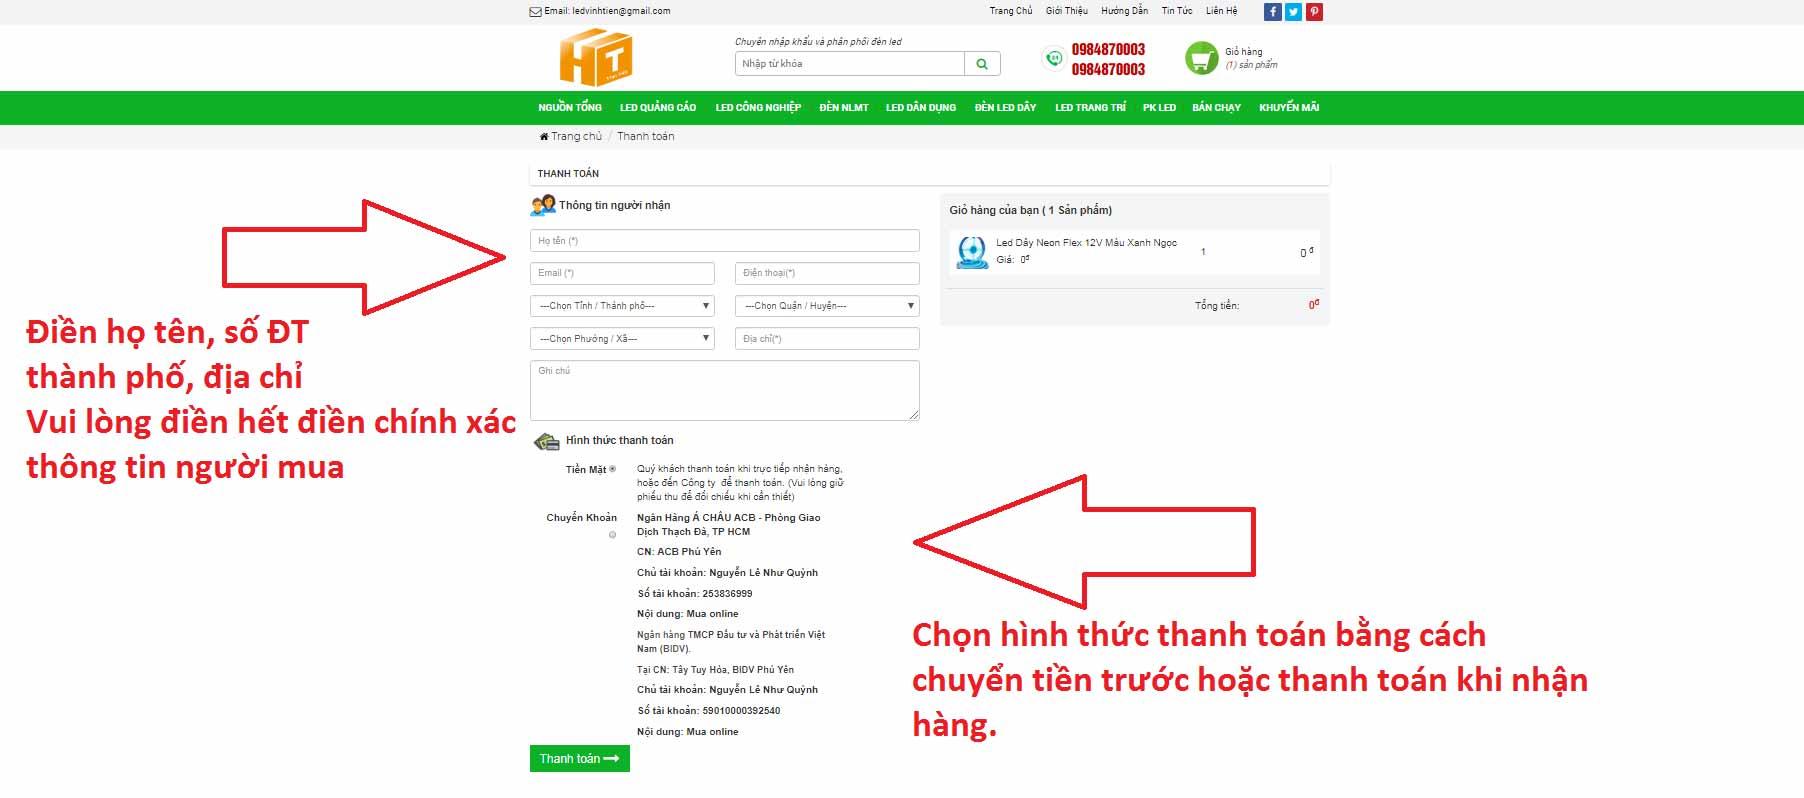 CÁCH MUA HÀNG TRÊN WEBSITE LEDVINHTIEN.COM